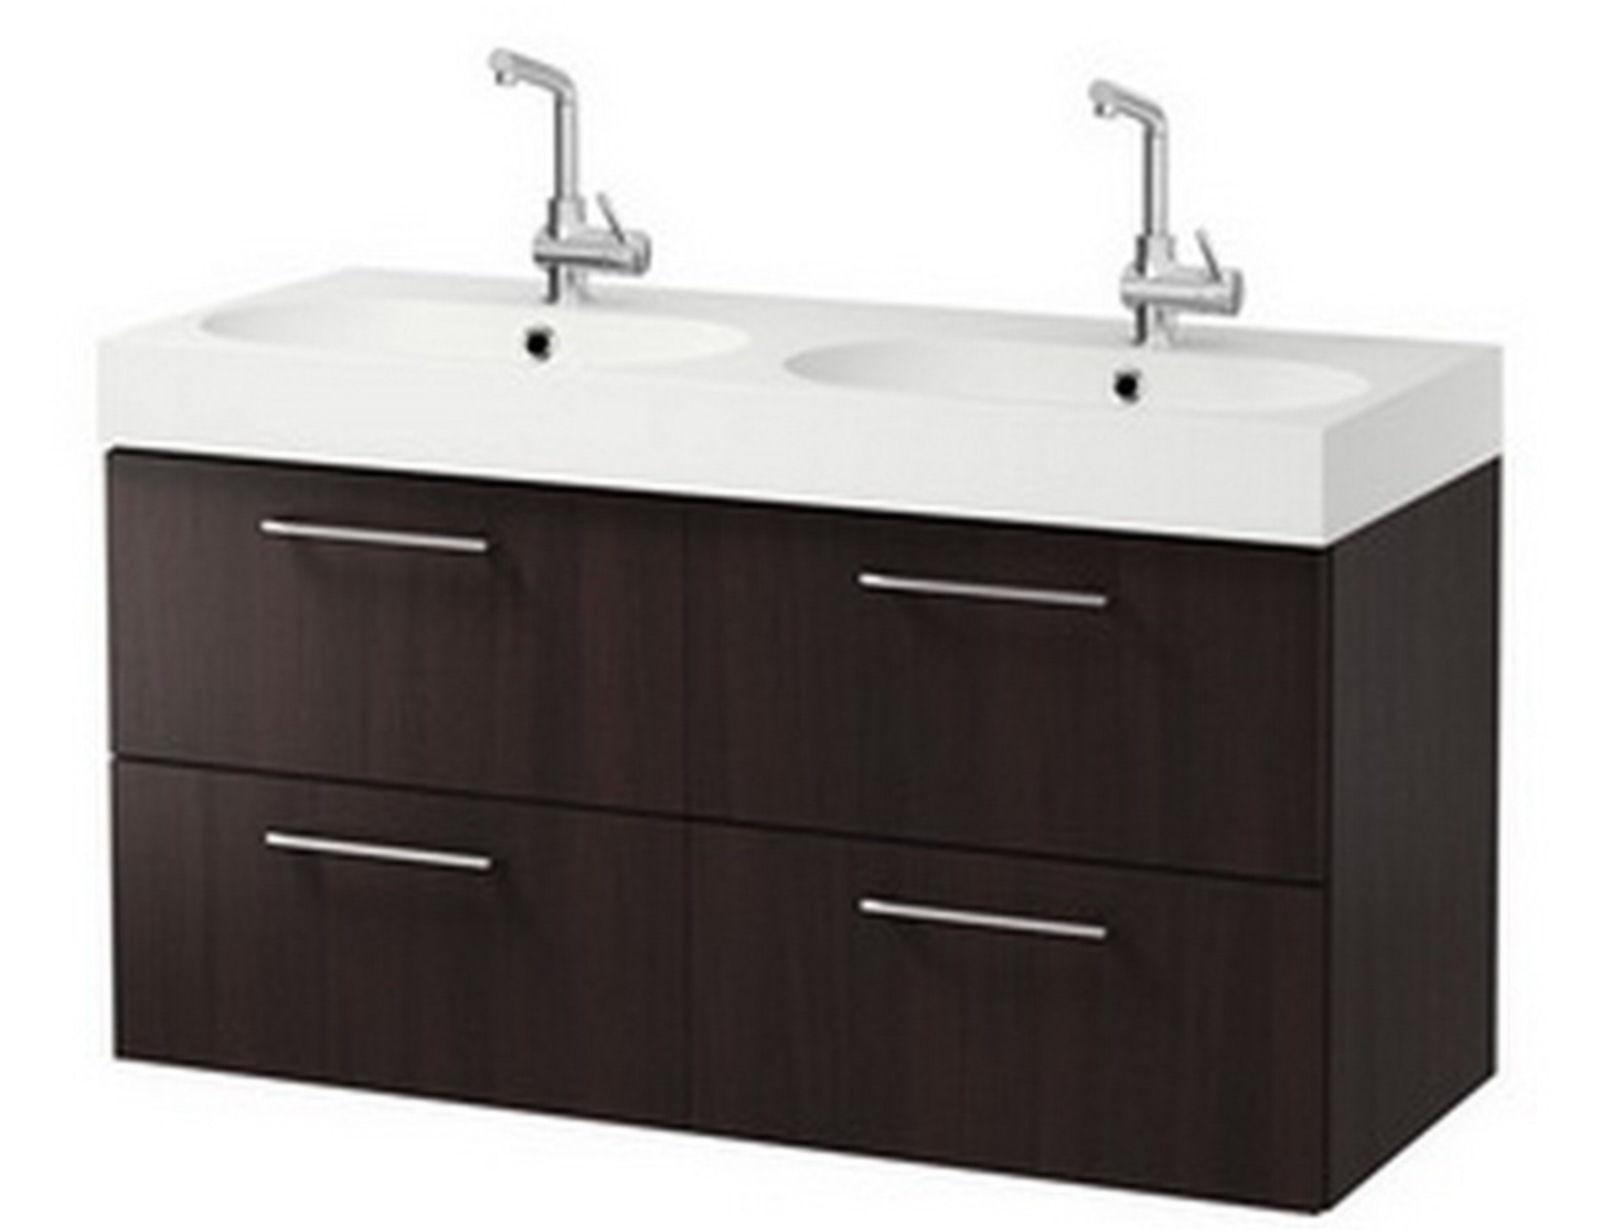 Uniek badkamermeubel op pootjes badkamermeubels for Badkamermeubel ontwerpen